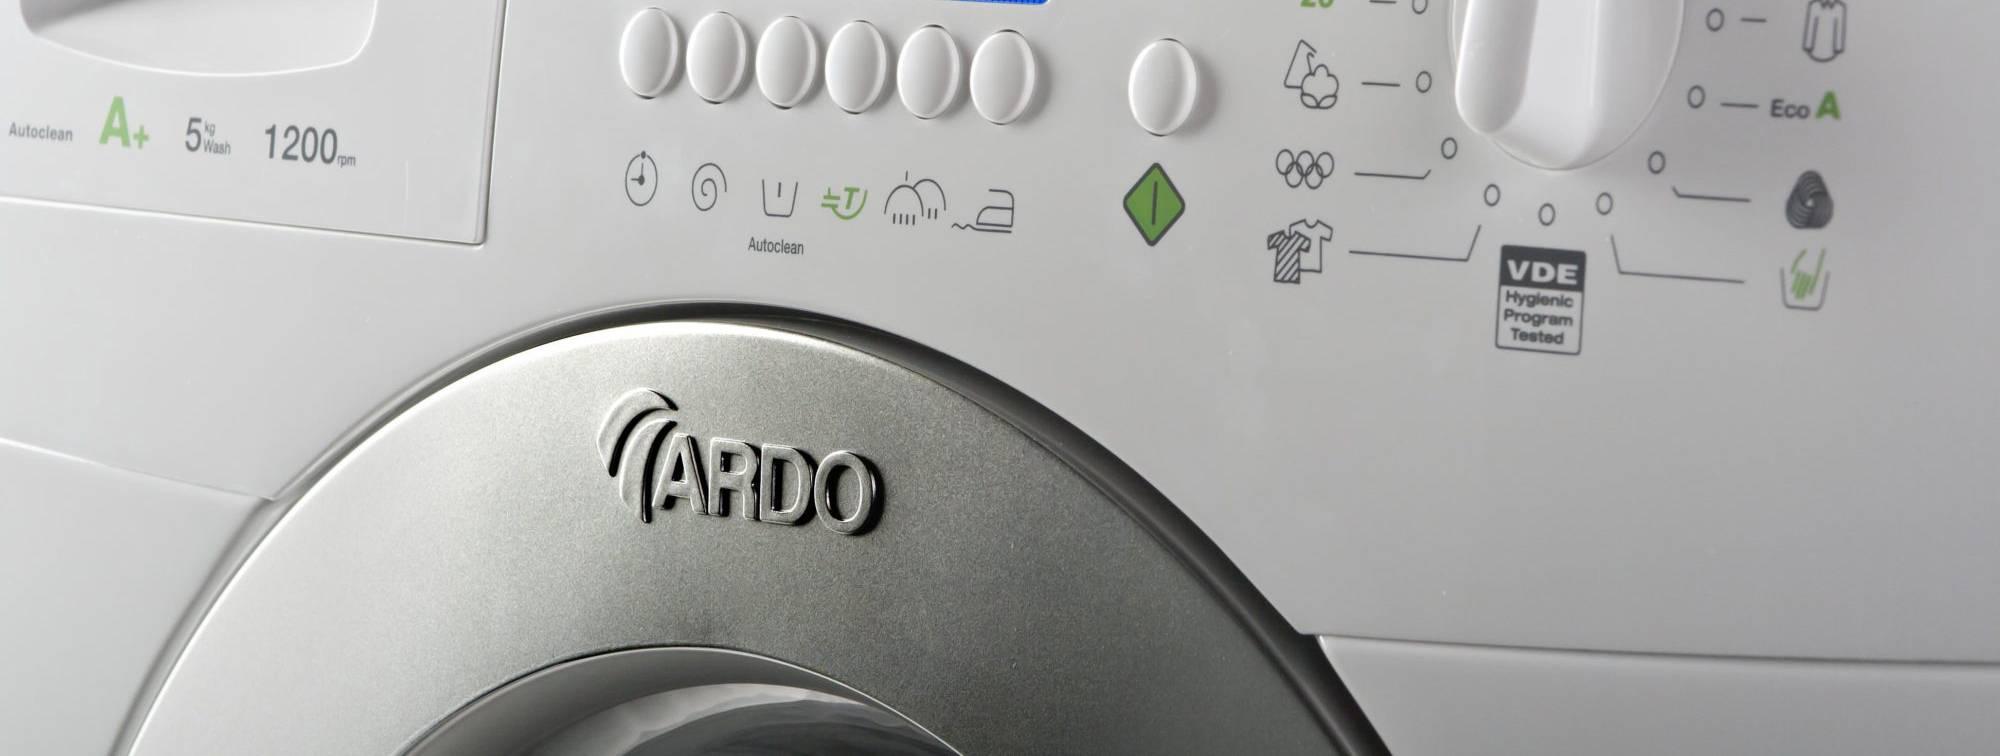 Стиральные машины ardo: обзор модельного ряда + достоинства и недостатки стиралок бренда